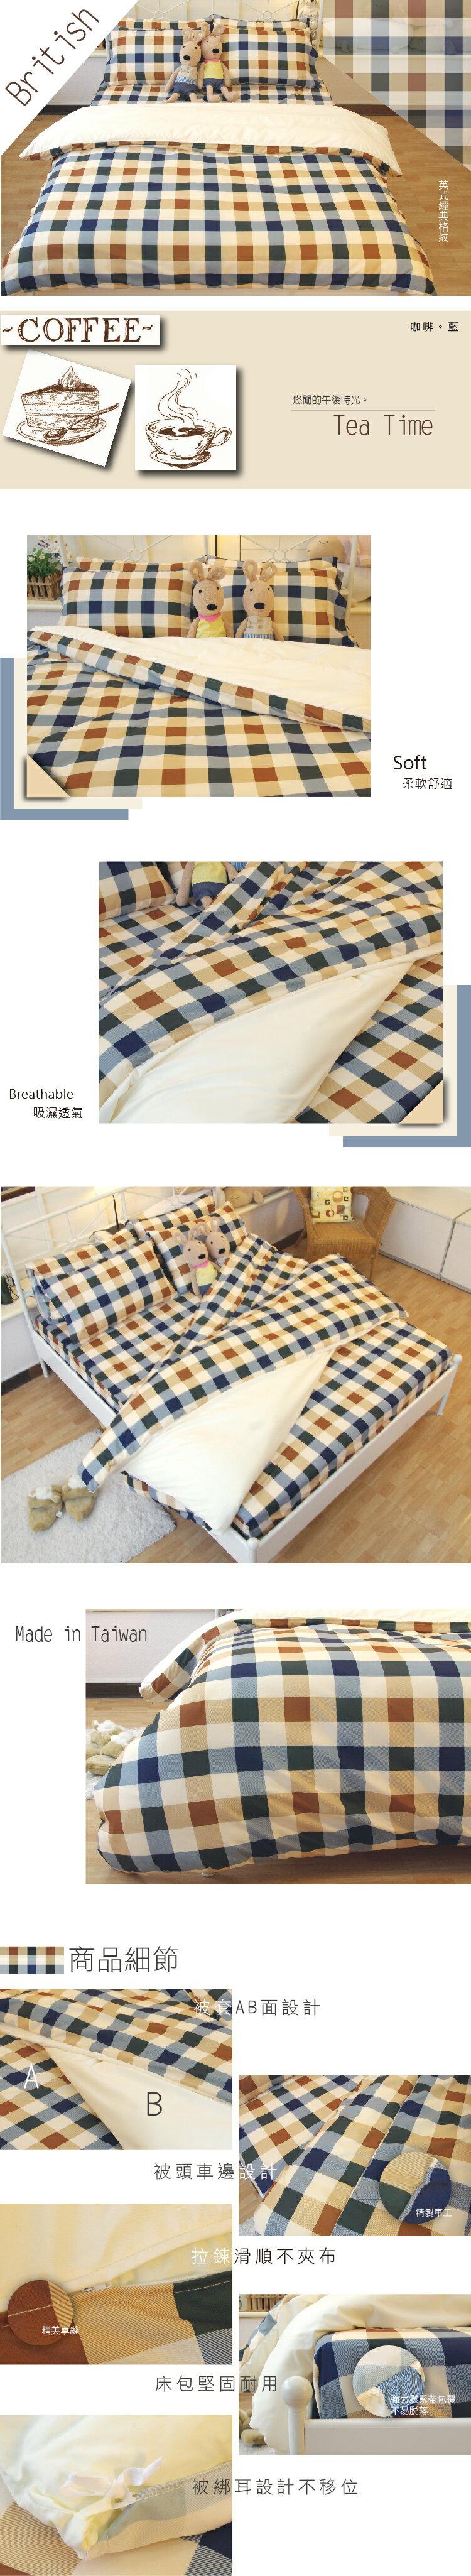 加大雙人床包被套四件組 英式格紋 #咖啡藍 #豆粉藍【精典格紋、觸感升級、SGS檢驗通過】 # 寢國寢城 6